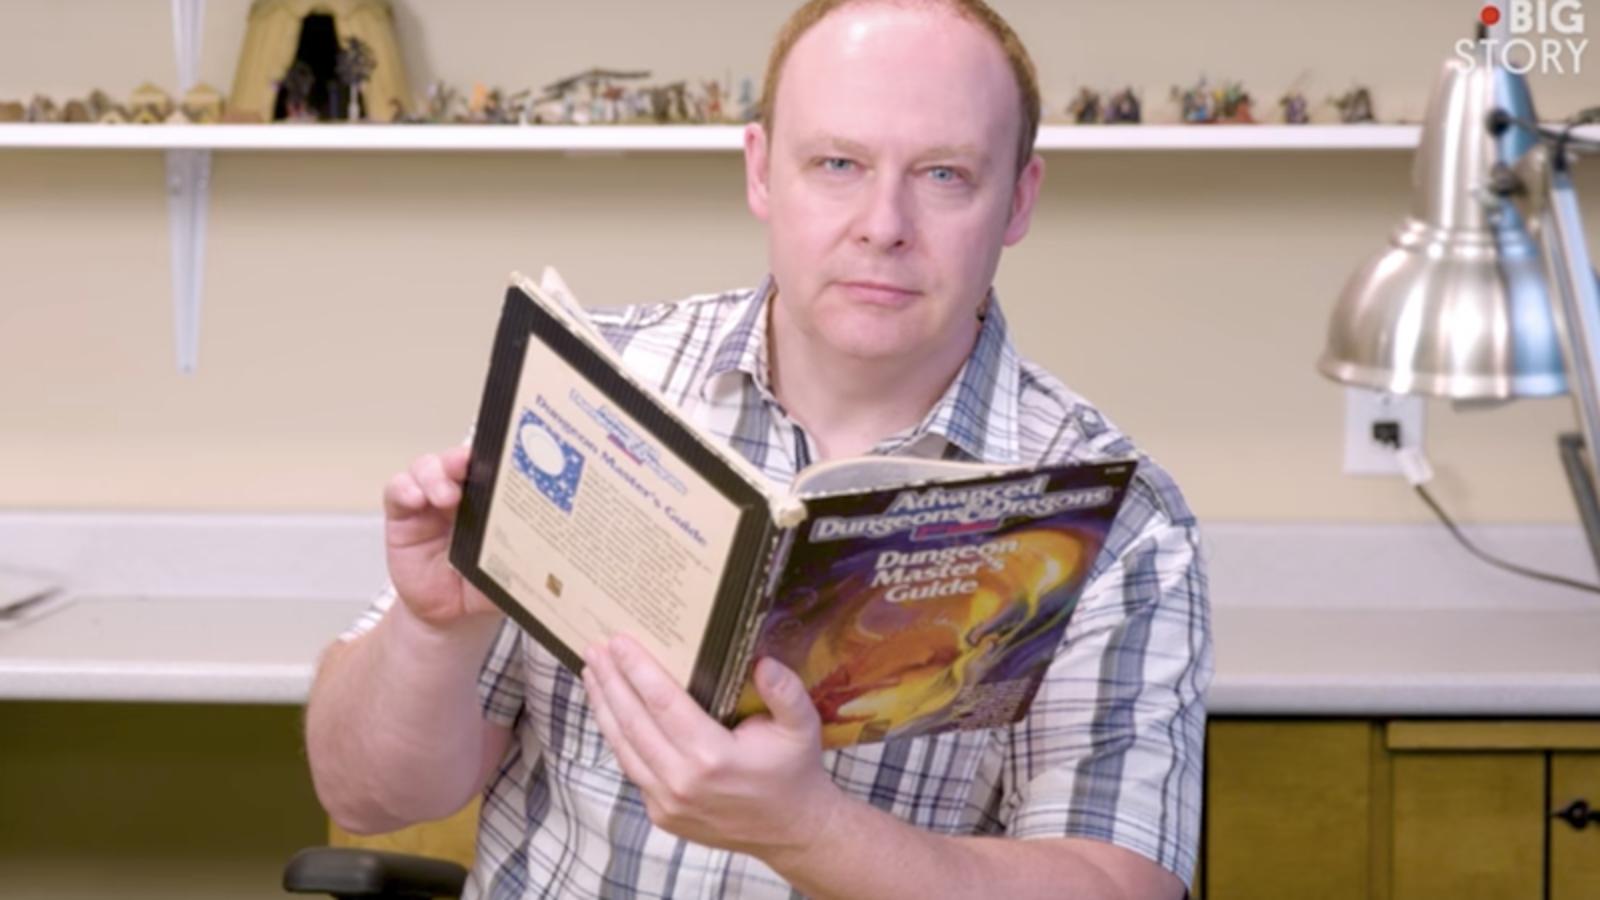 Él es Robert Wardhaugh, el hombre que lleva 35 años jugando la misma partida de Dungeons & Dragons